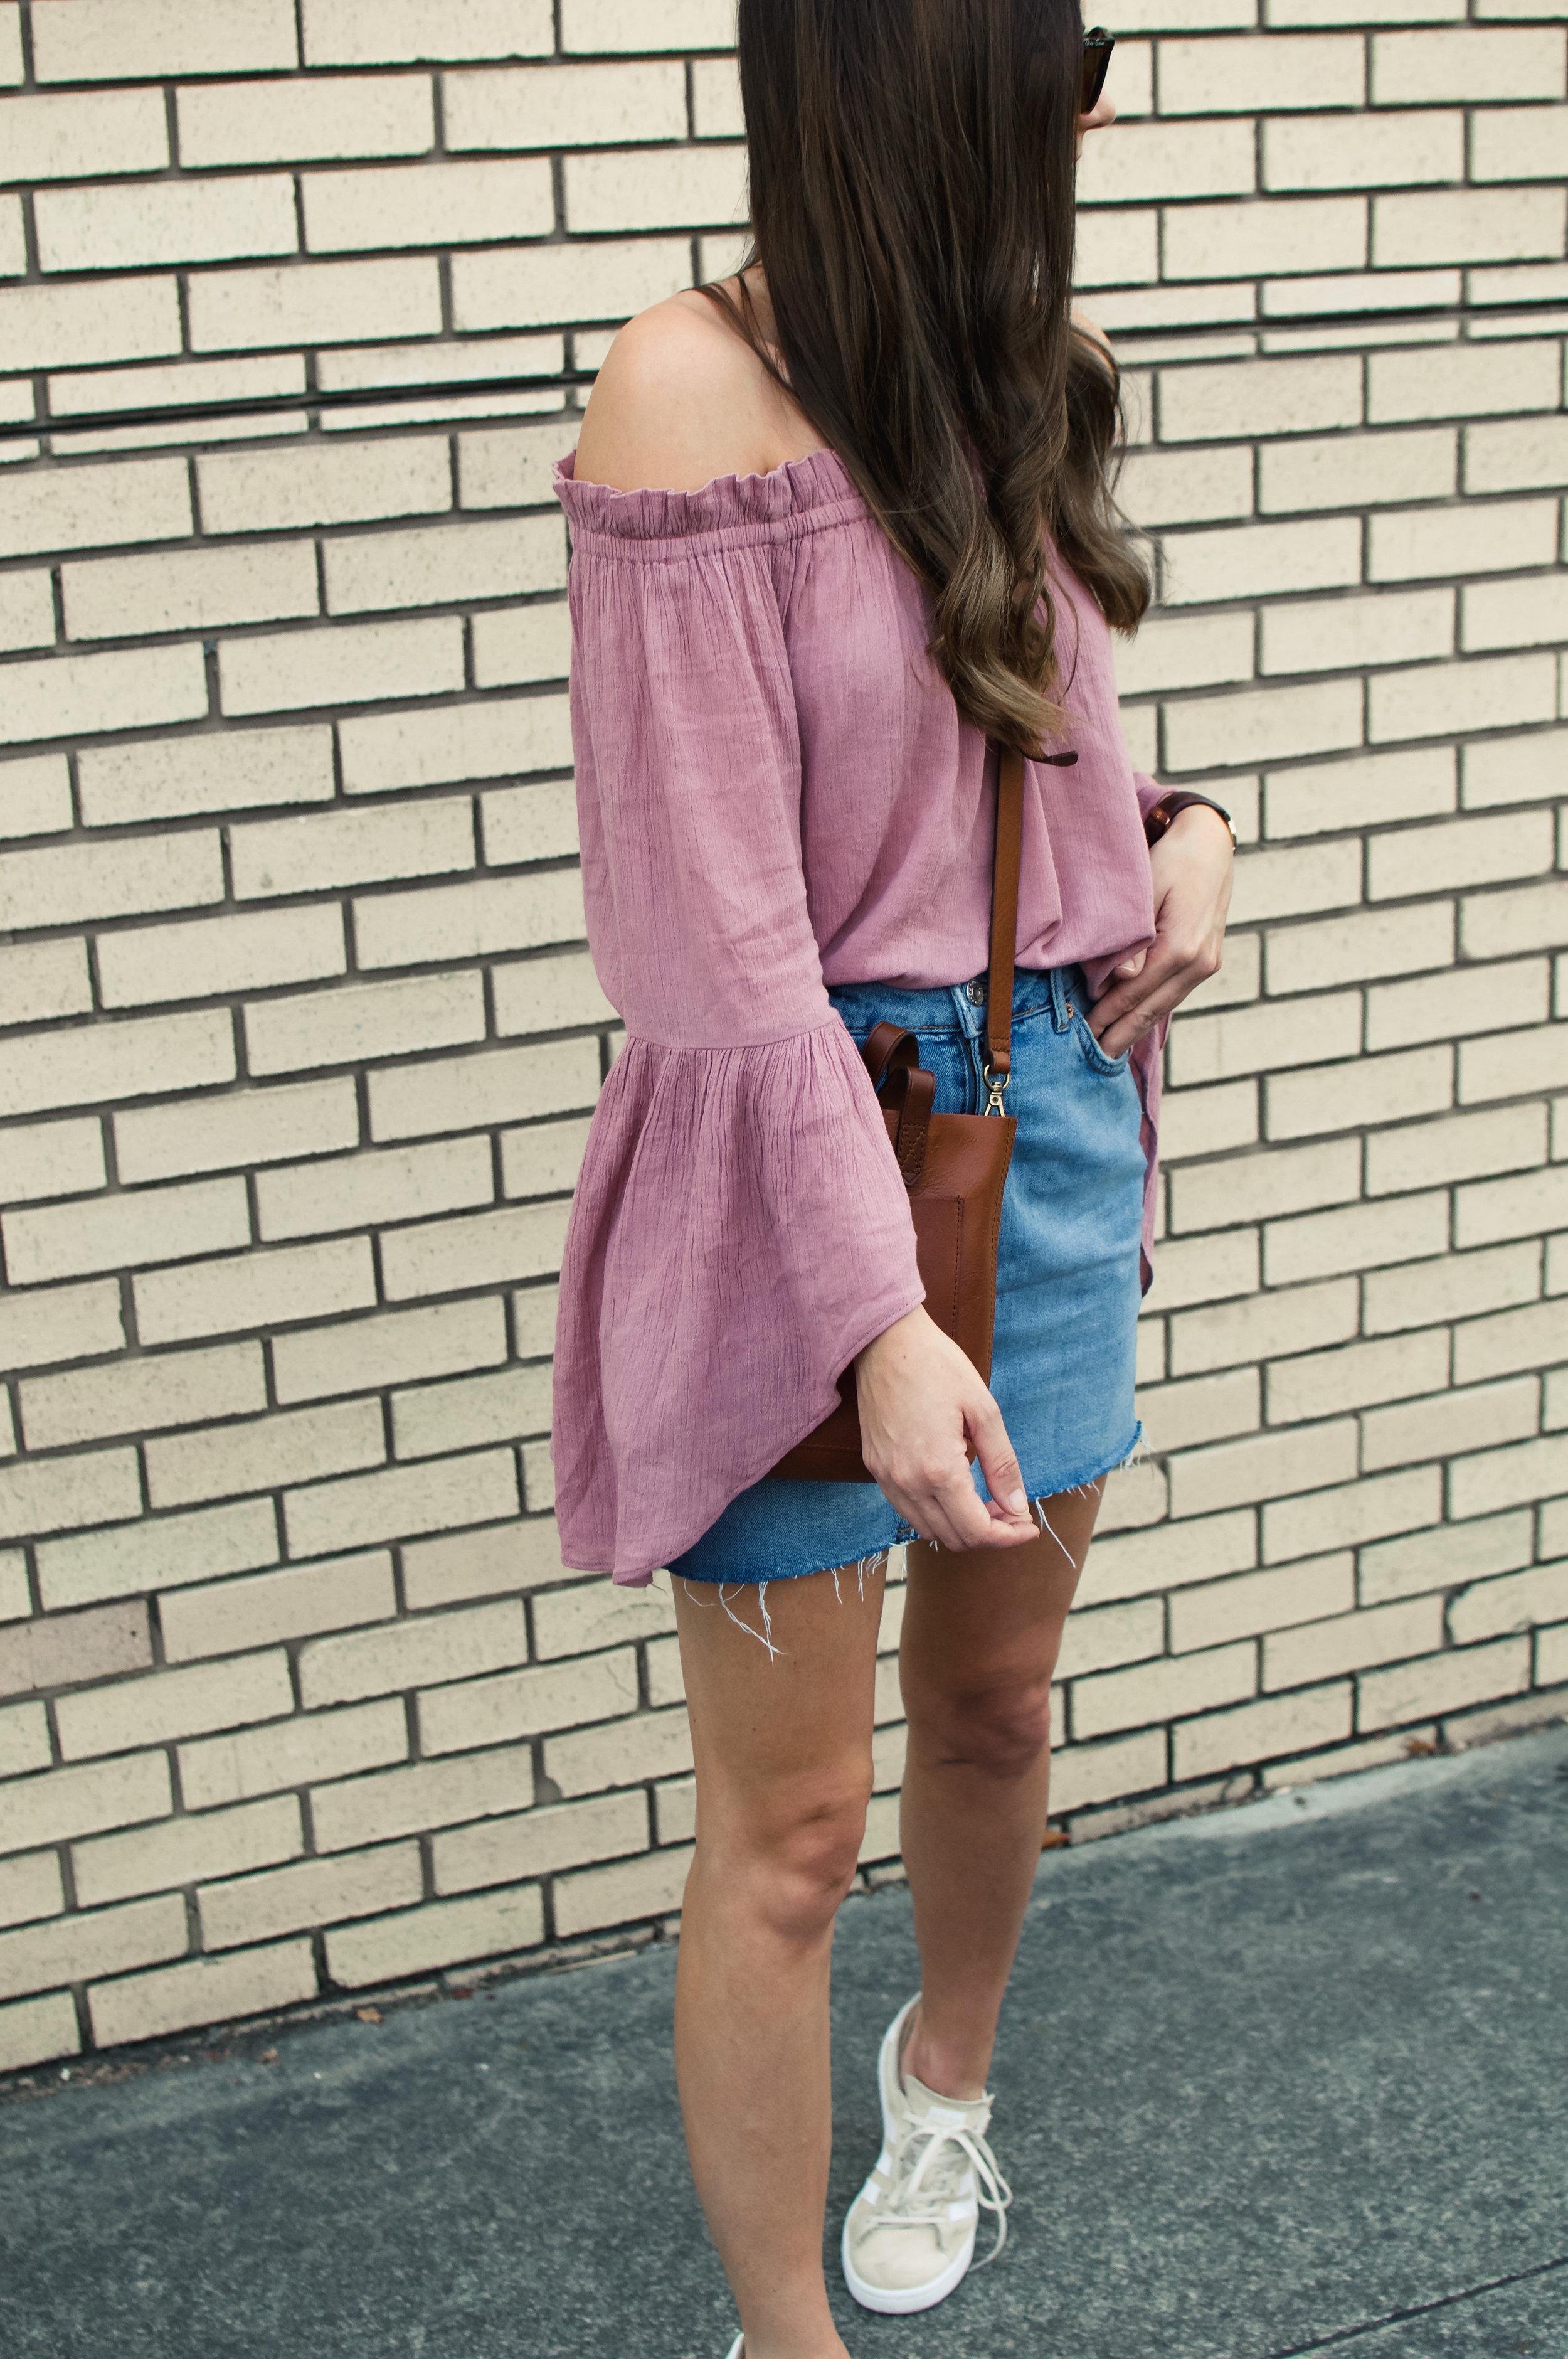 denim skirt and sneakers